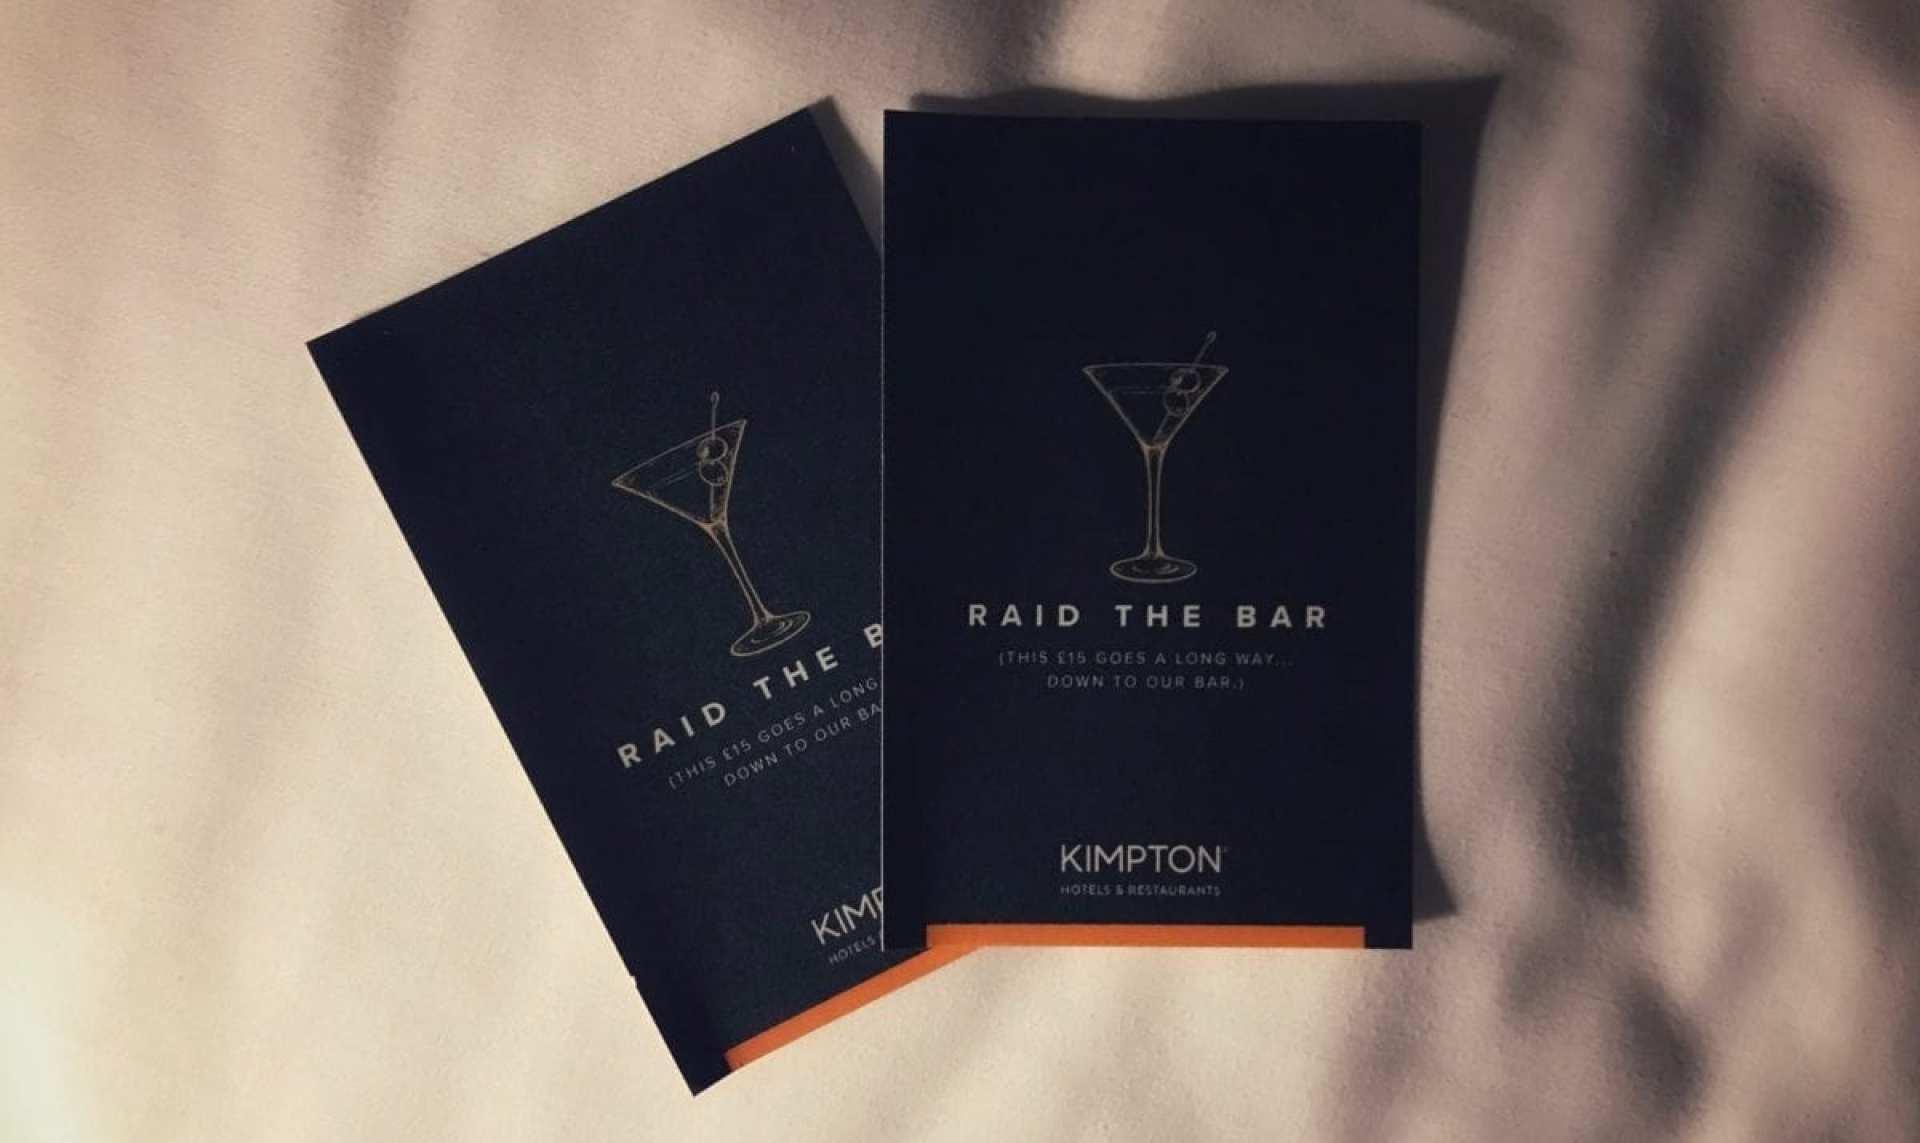 Kimpton Raid the bar